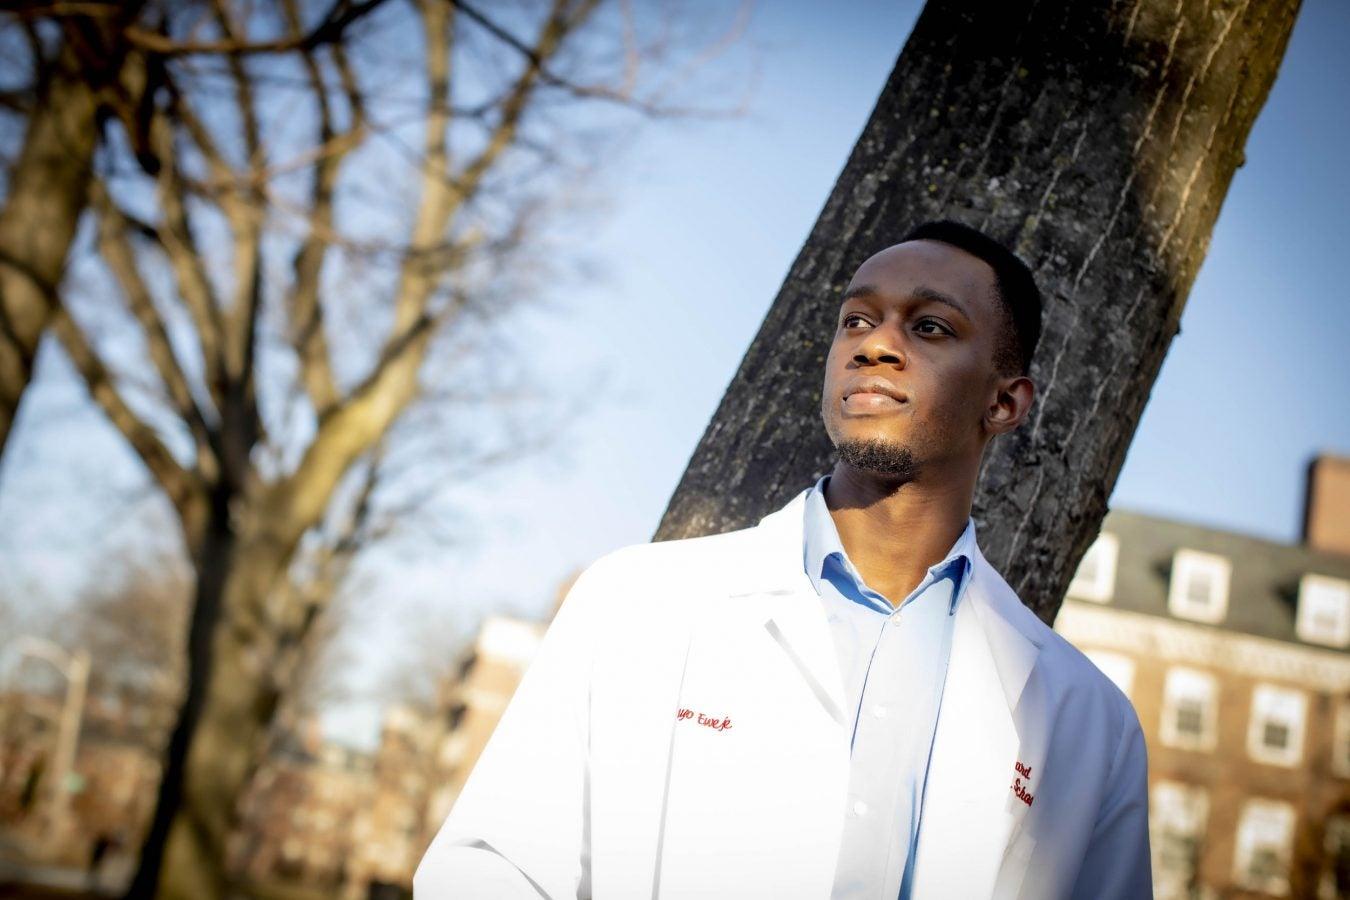 Harvard University Medical School student Feyisayo Eweje is pictured.